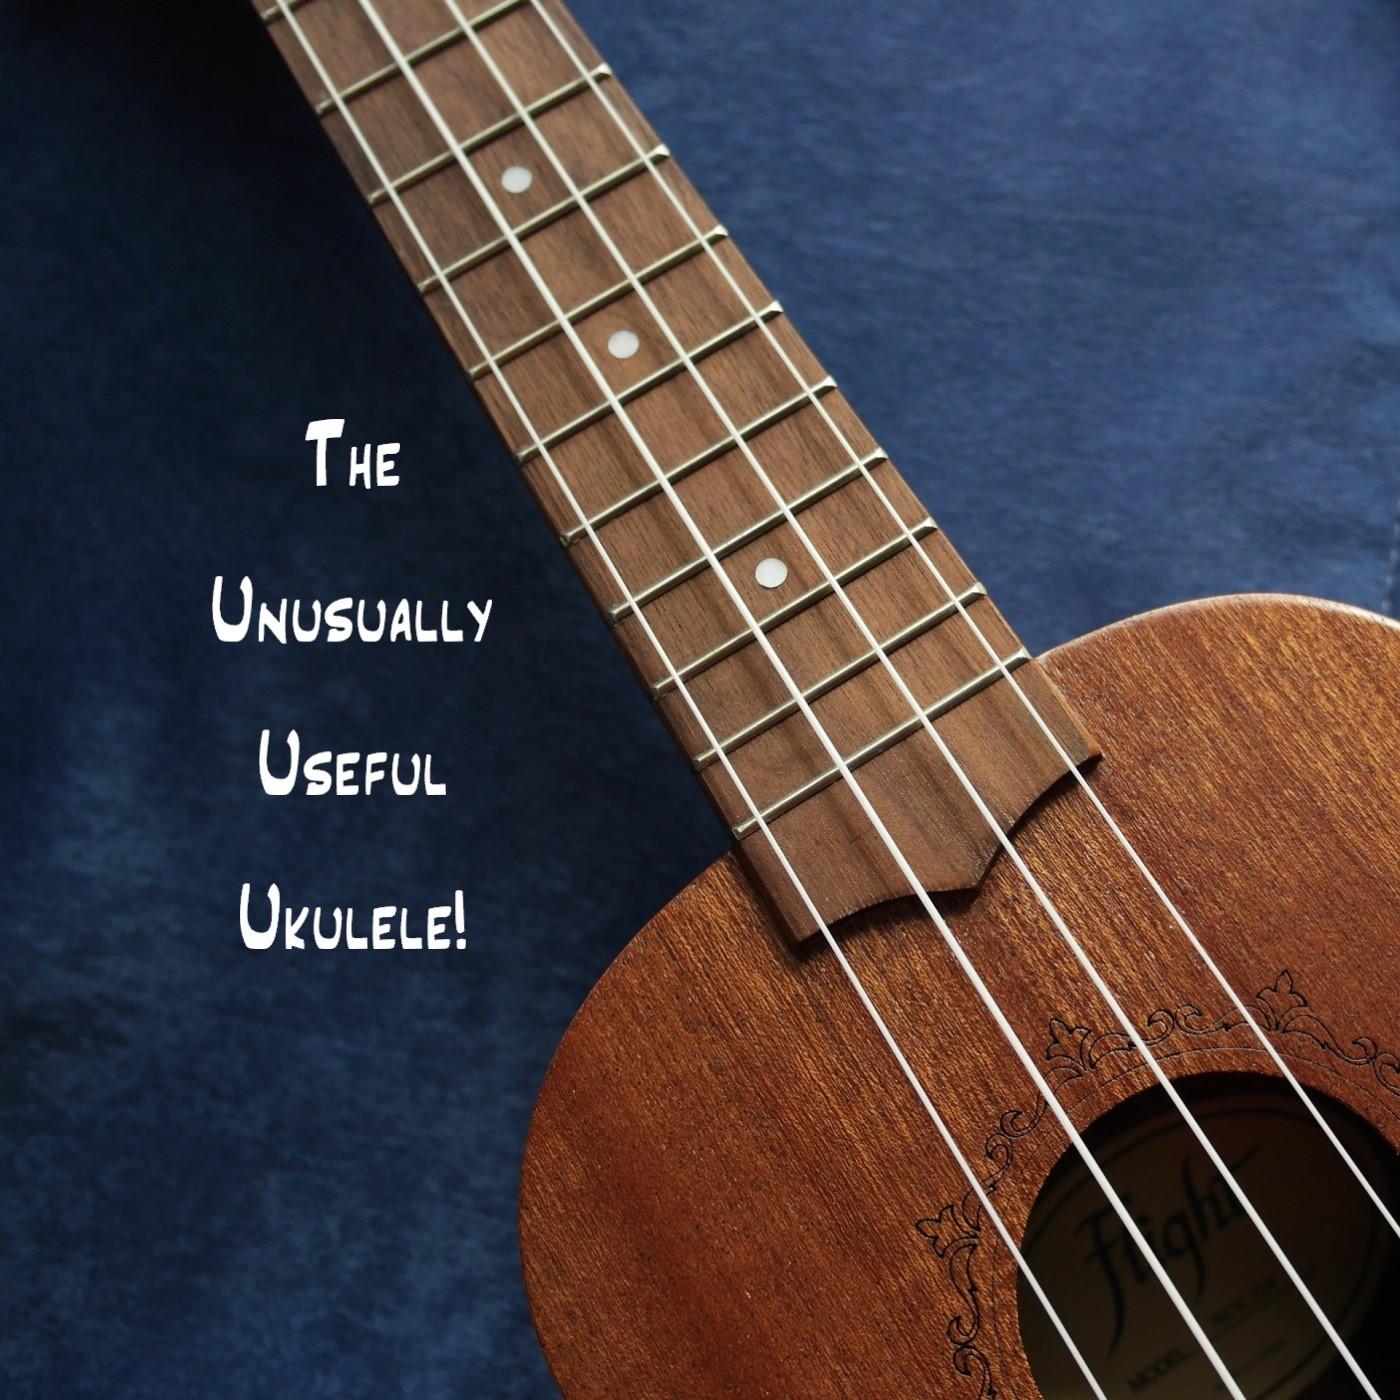 The Unusually Useful Ukulele